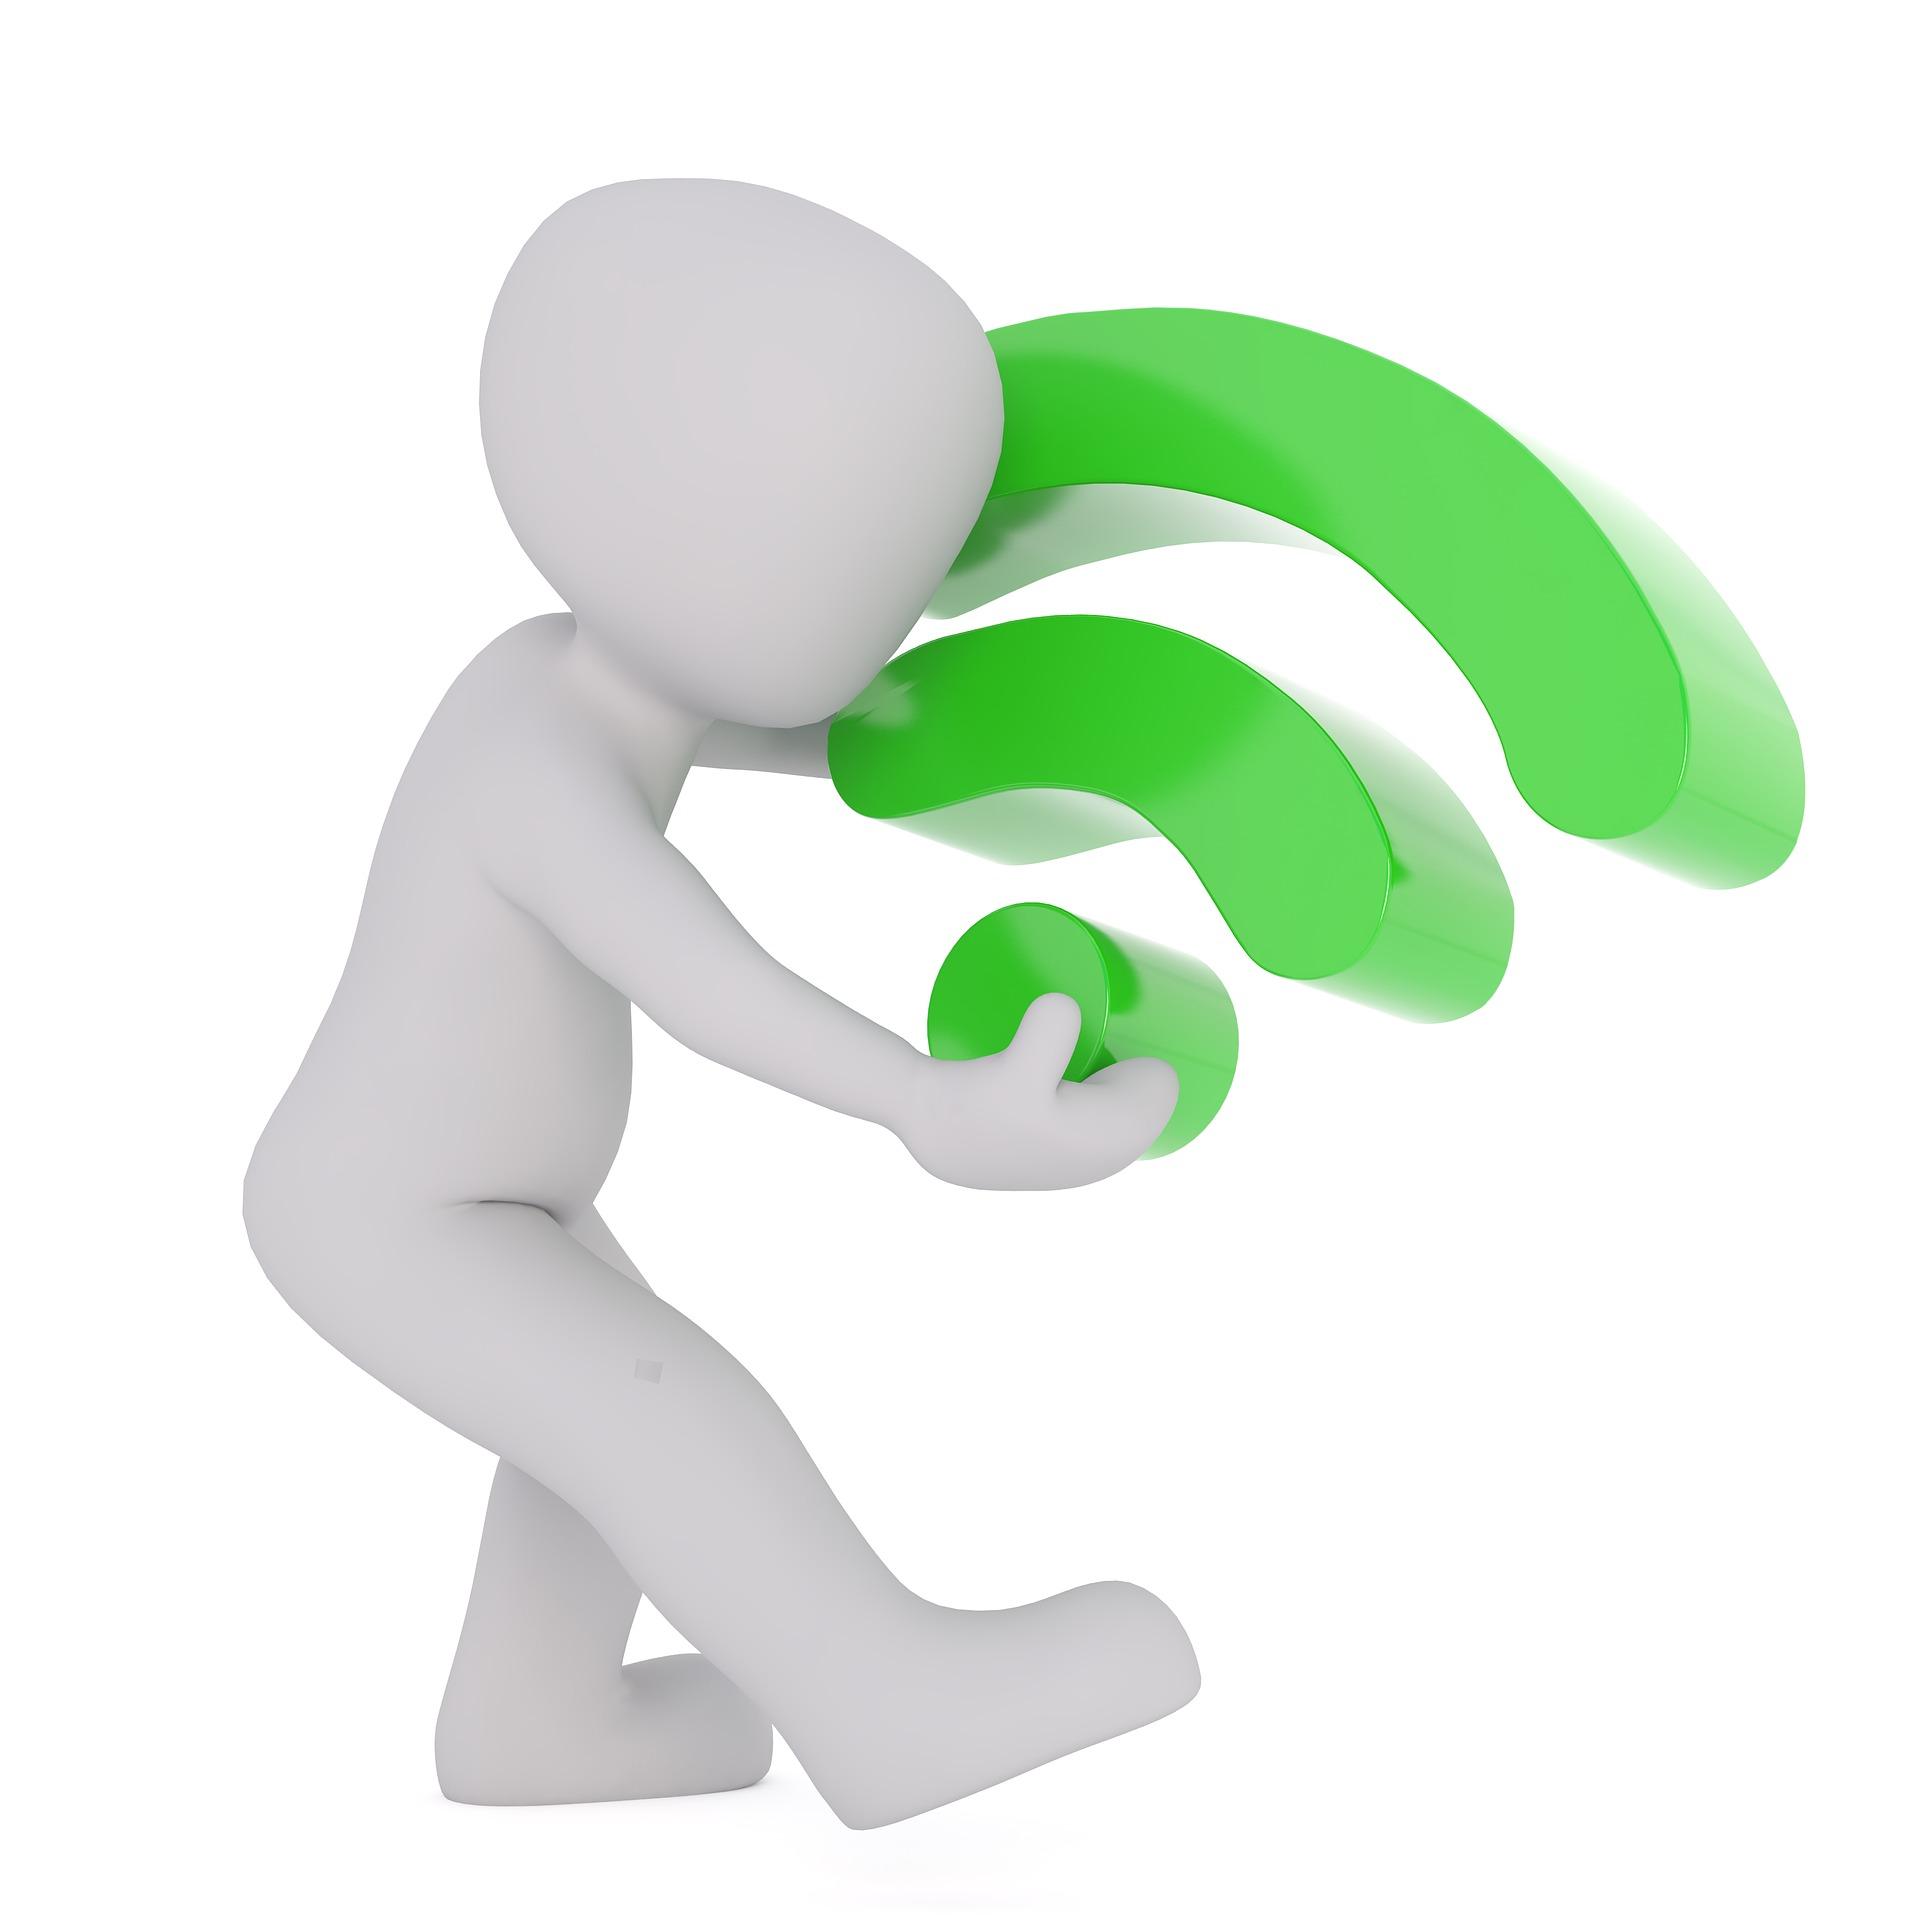 Activa la escucha 5G